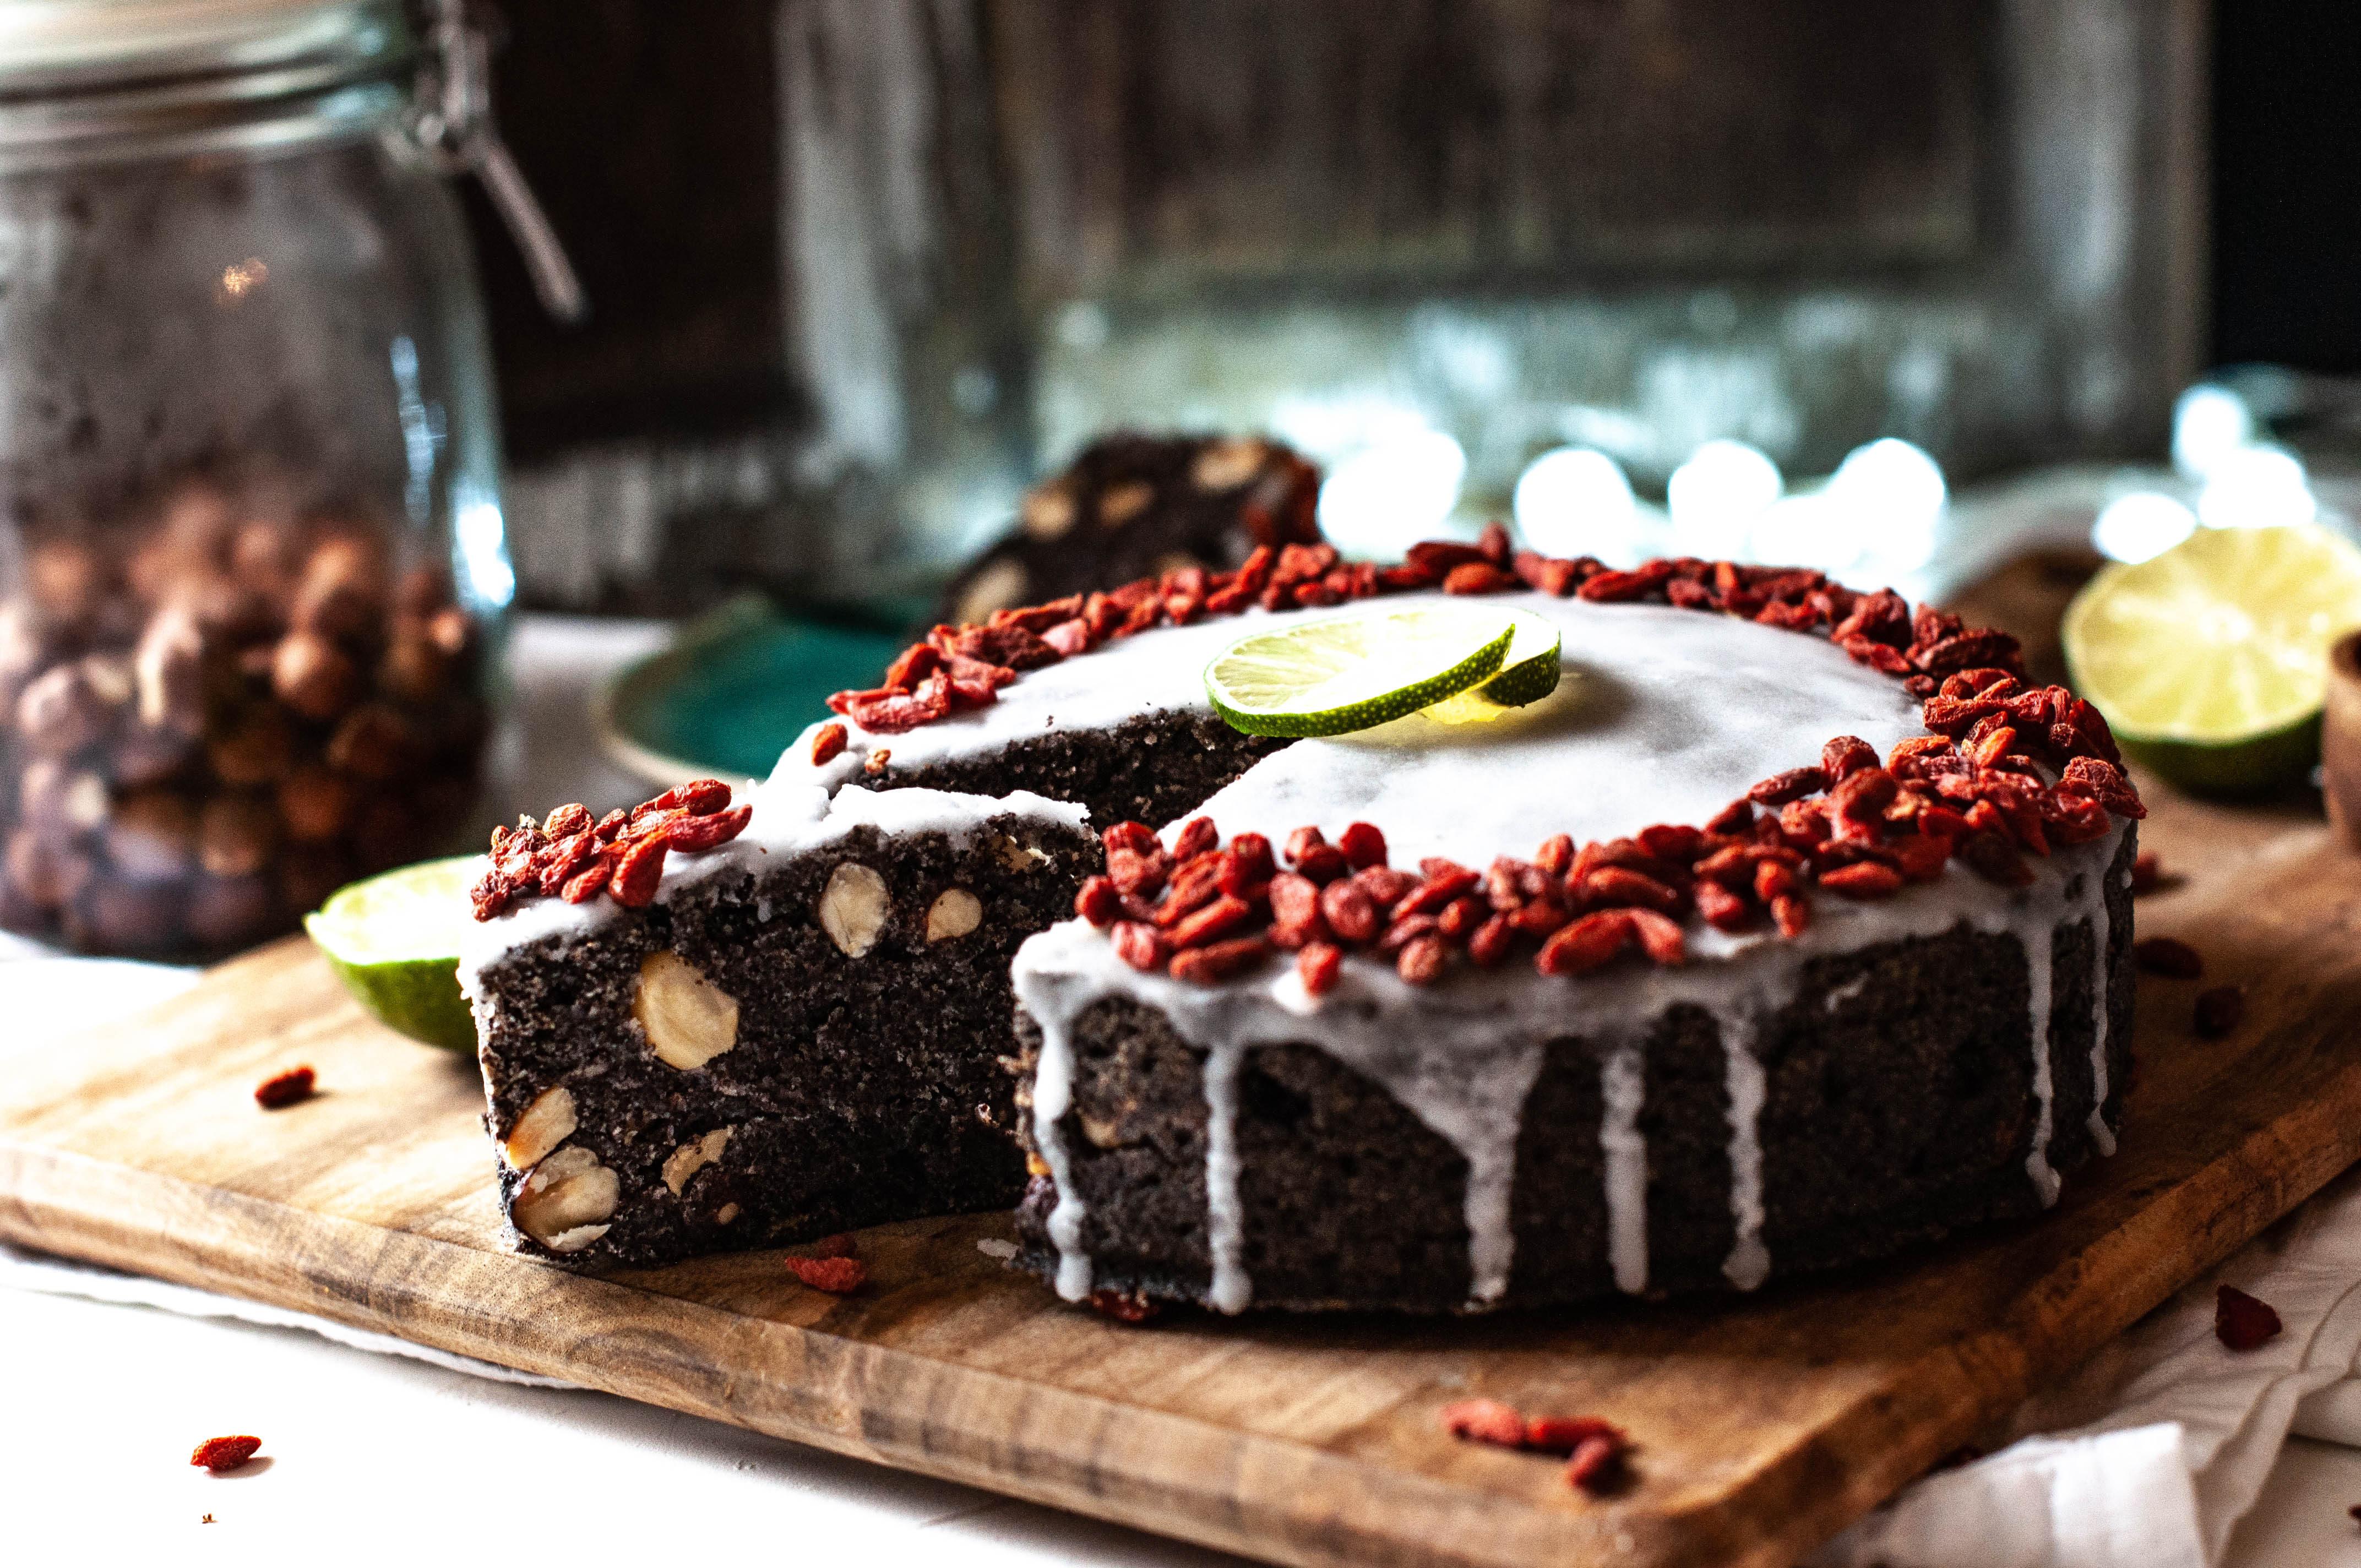 makowiec, bezglutenowy makowiec, wegański makowiec, makowiec bezg lutenu, ciasto, bez cukru, przepsiy na boże nardzenie. wegańskie ciasta, bezglutenowe